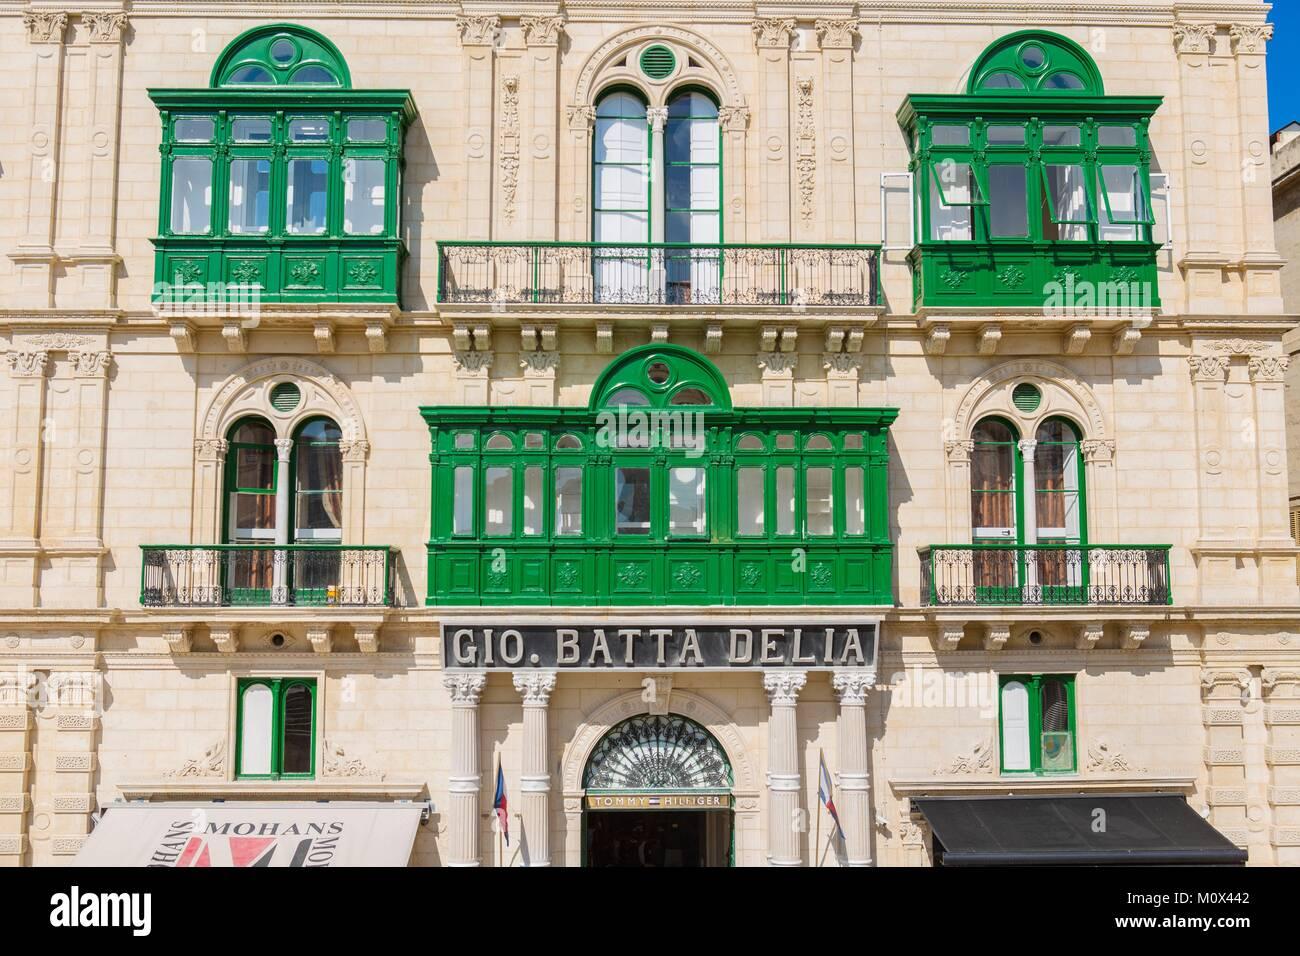 Malta, Valletta, als Weltkulturerbe von der UNESCO, Stadtzentrum aufgeführt, typische Behausung mit Bow-windows Stockbild